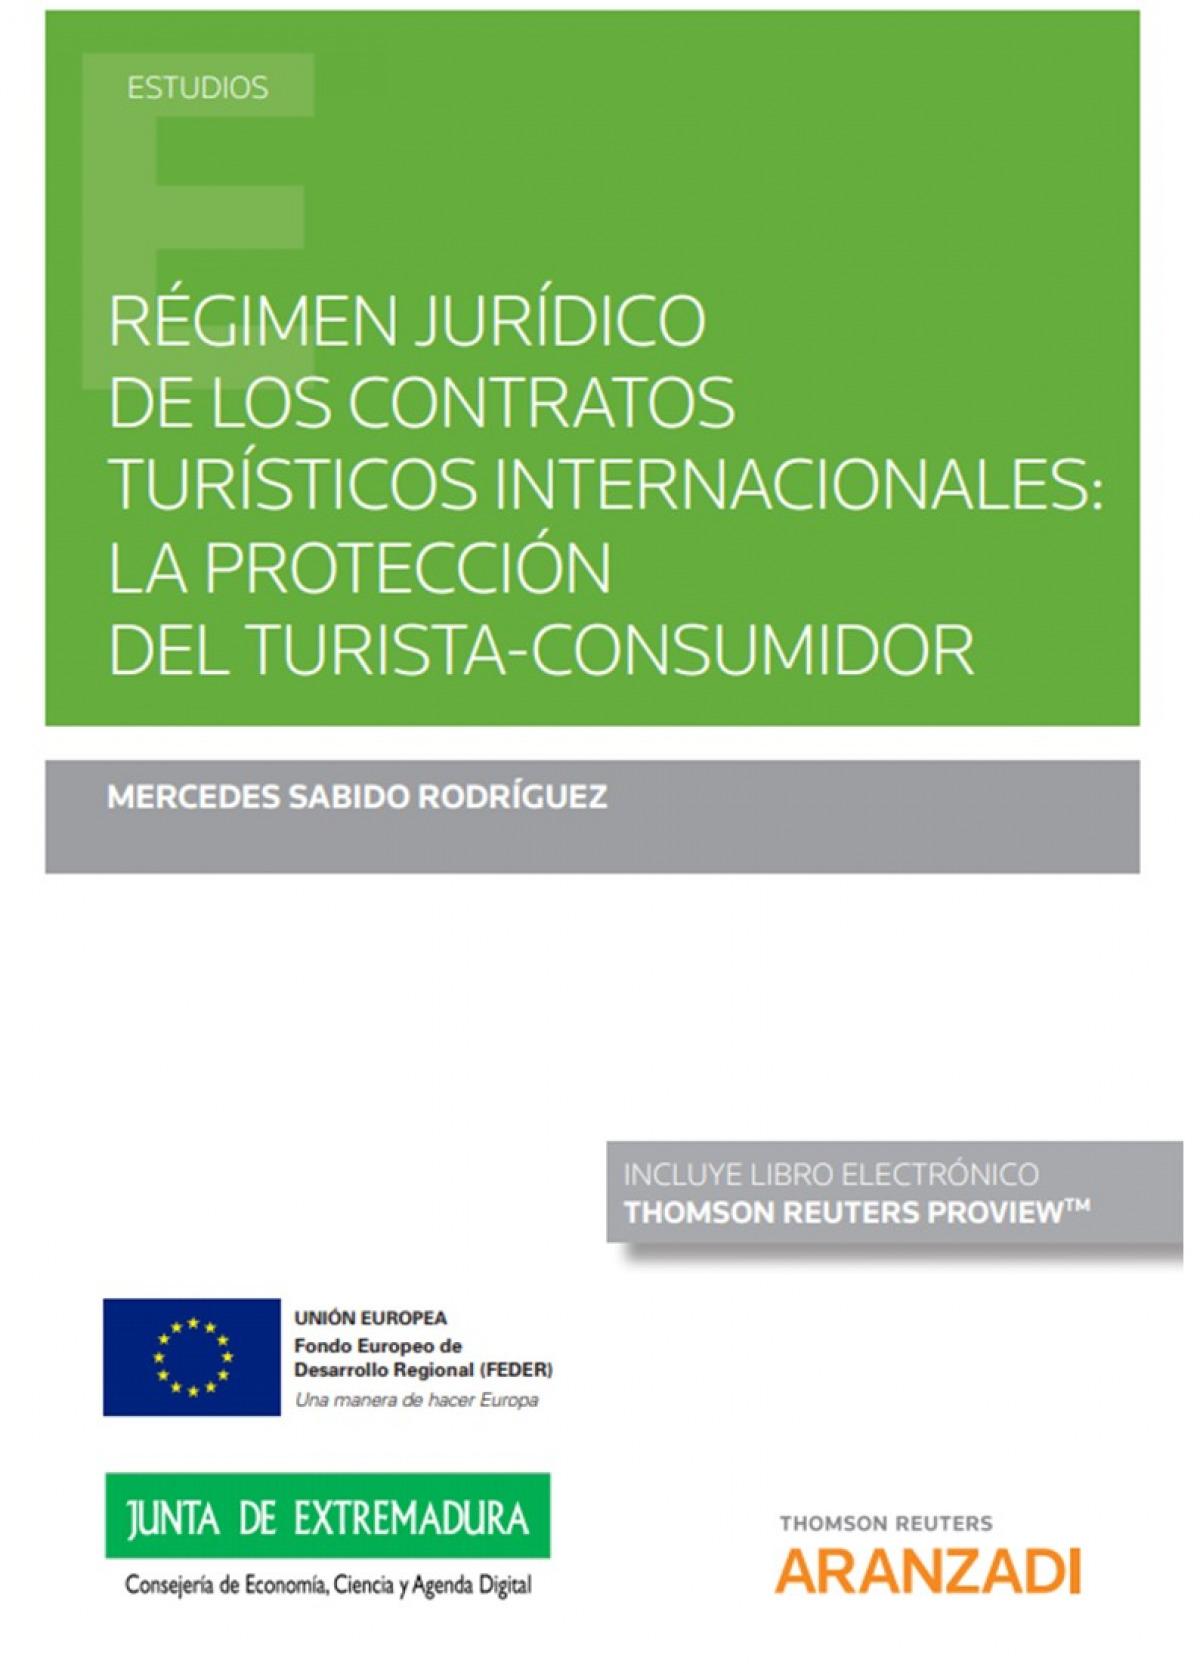 Régimen jurídico de los contratos turísticos internacionales: